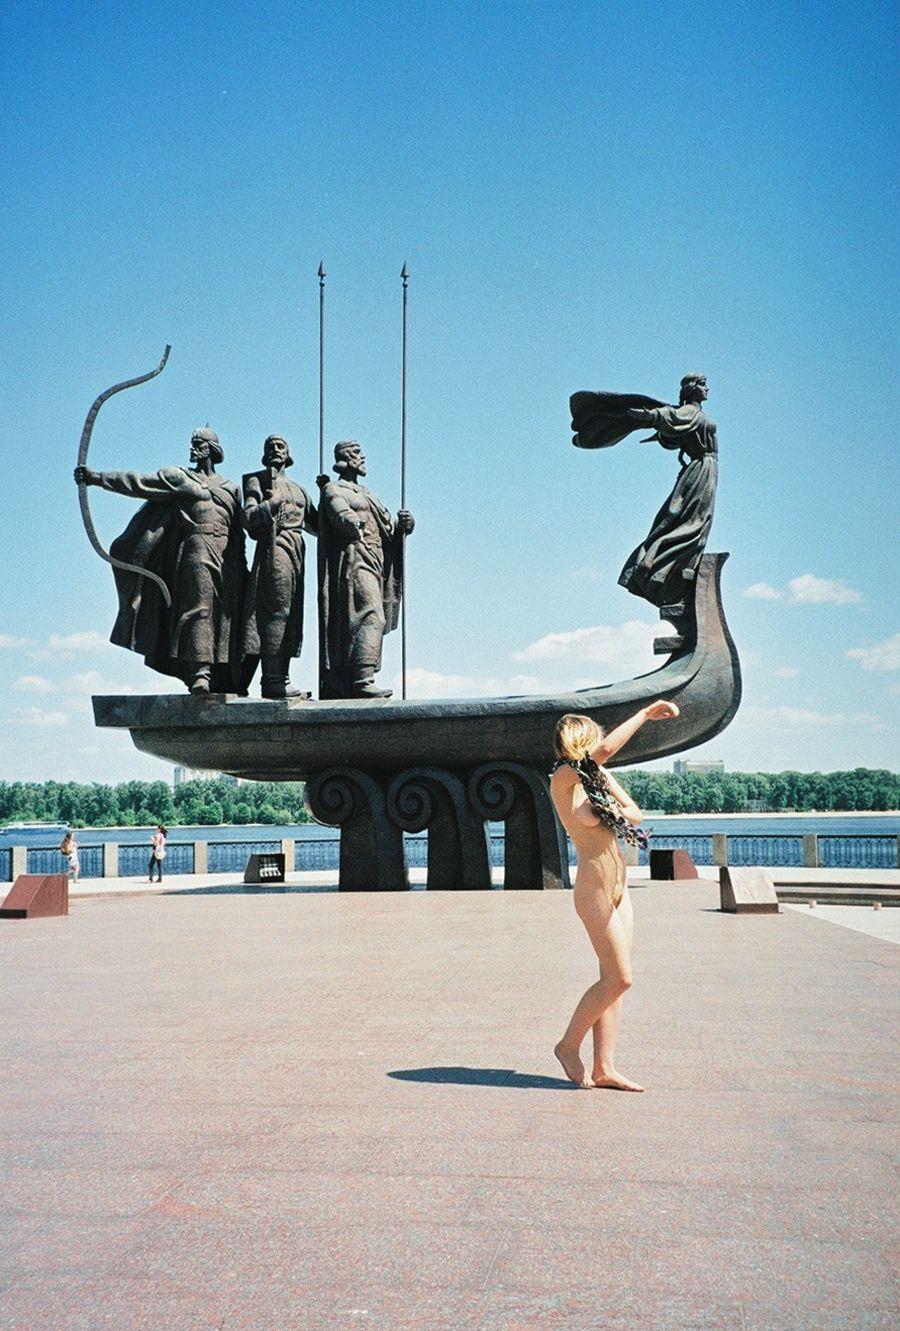 Kiev, Ukraine - by Sasha Kurmaz - for Global Yodel